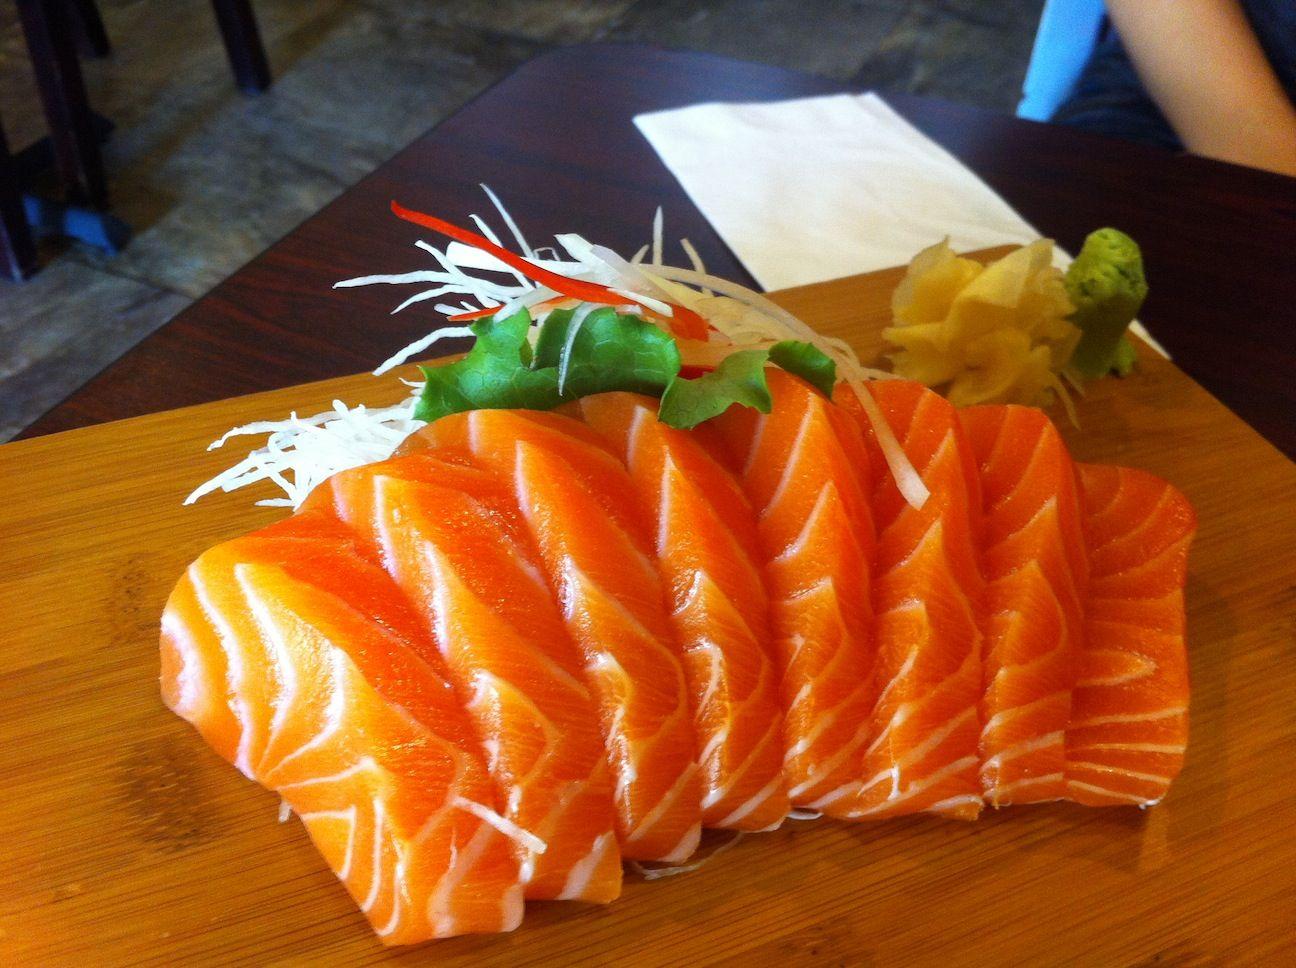 Salmon Sashimi Oh Dang This Photos Makes Me Want To Run At A